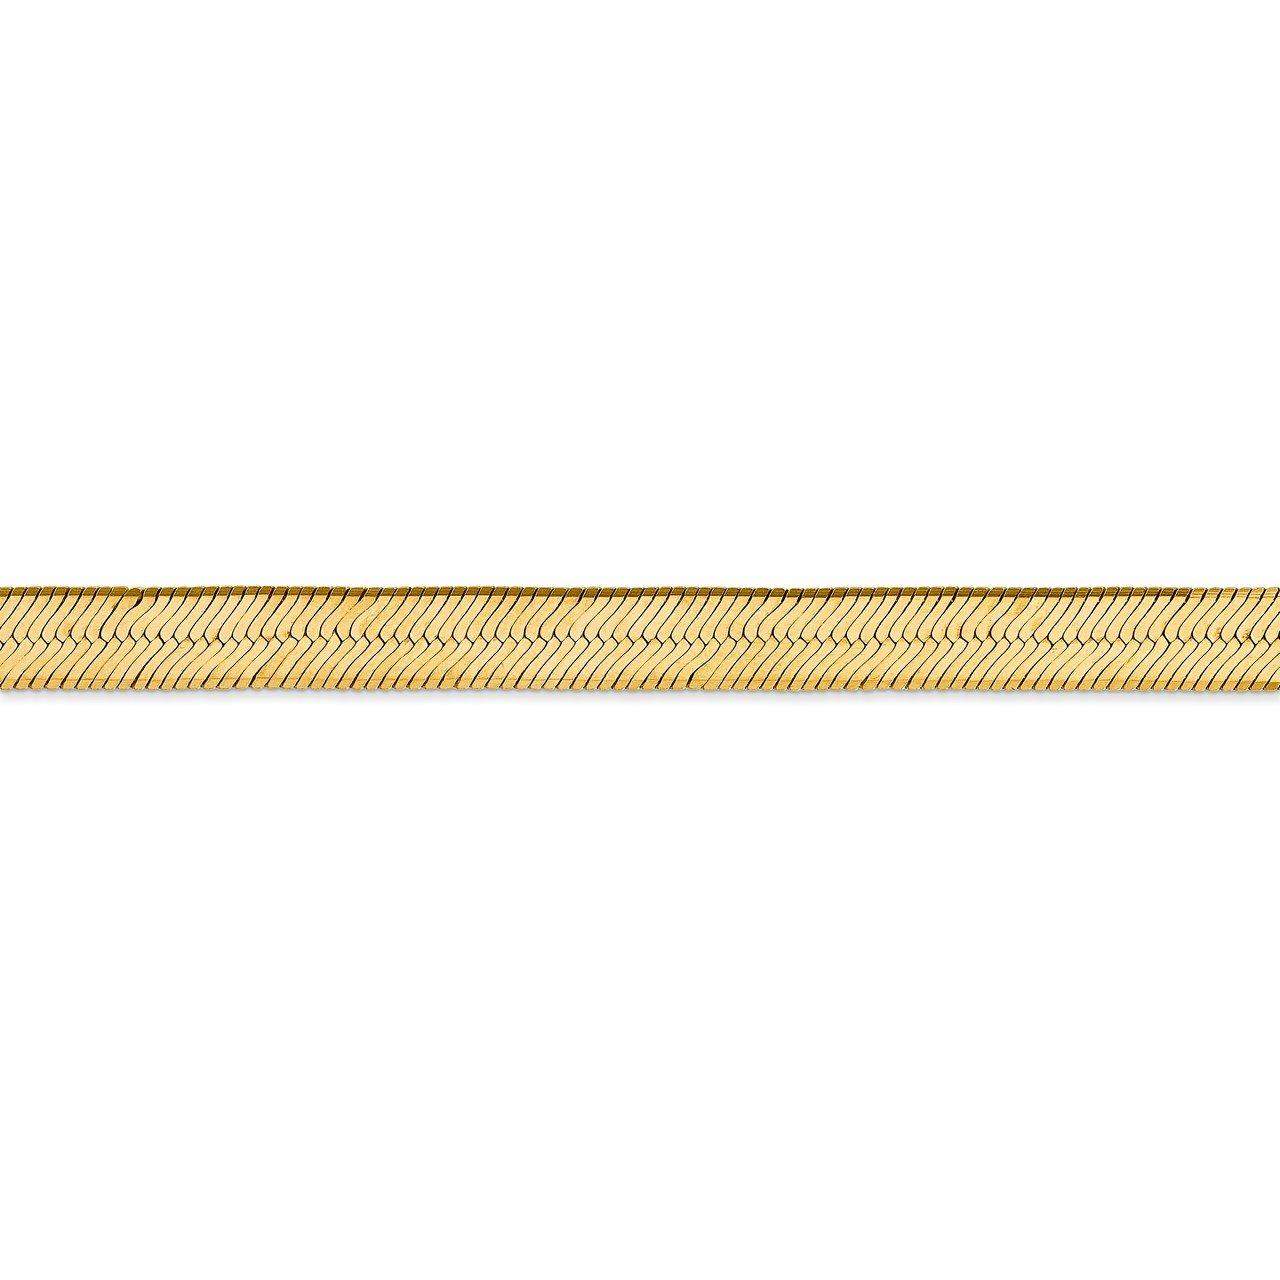 14k 6.5mm Silky Herringbone Chain-2